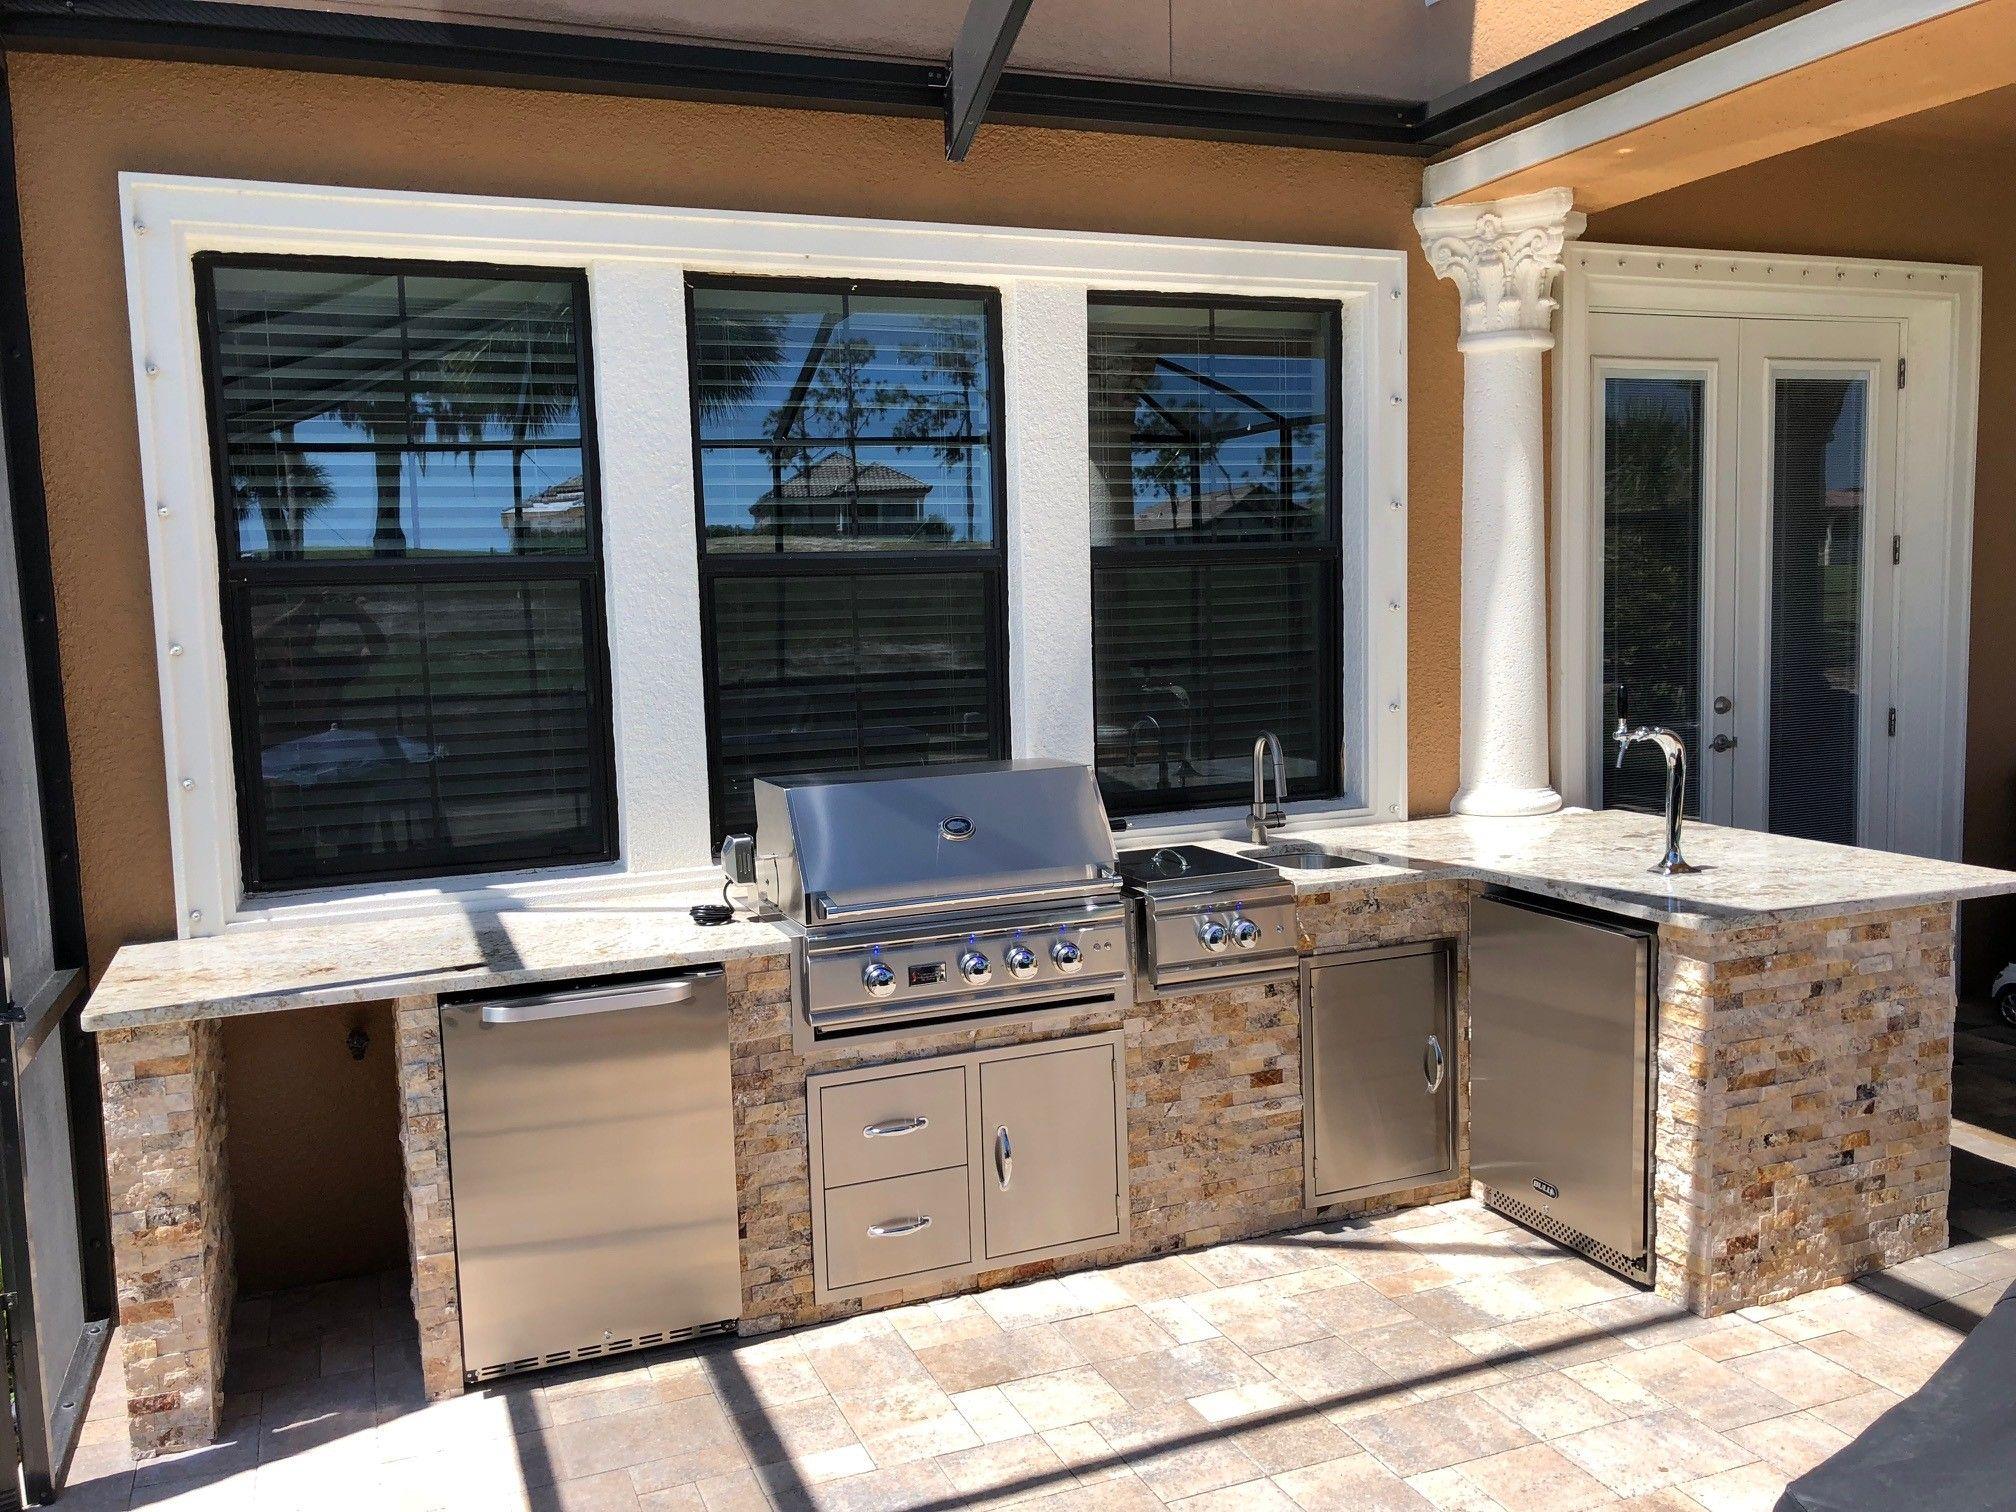 Luxury Outdoor Kitchen Outdoor Kitchen Decor Luxury Outdoor Kitchen Outdoor Kitchen